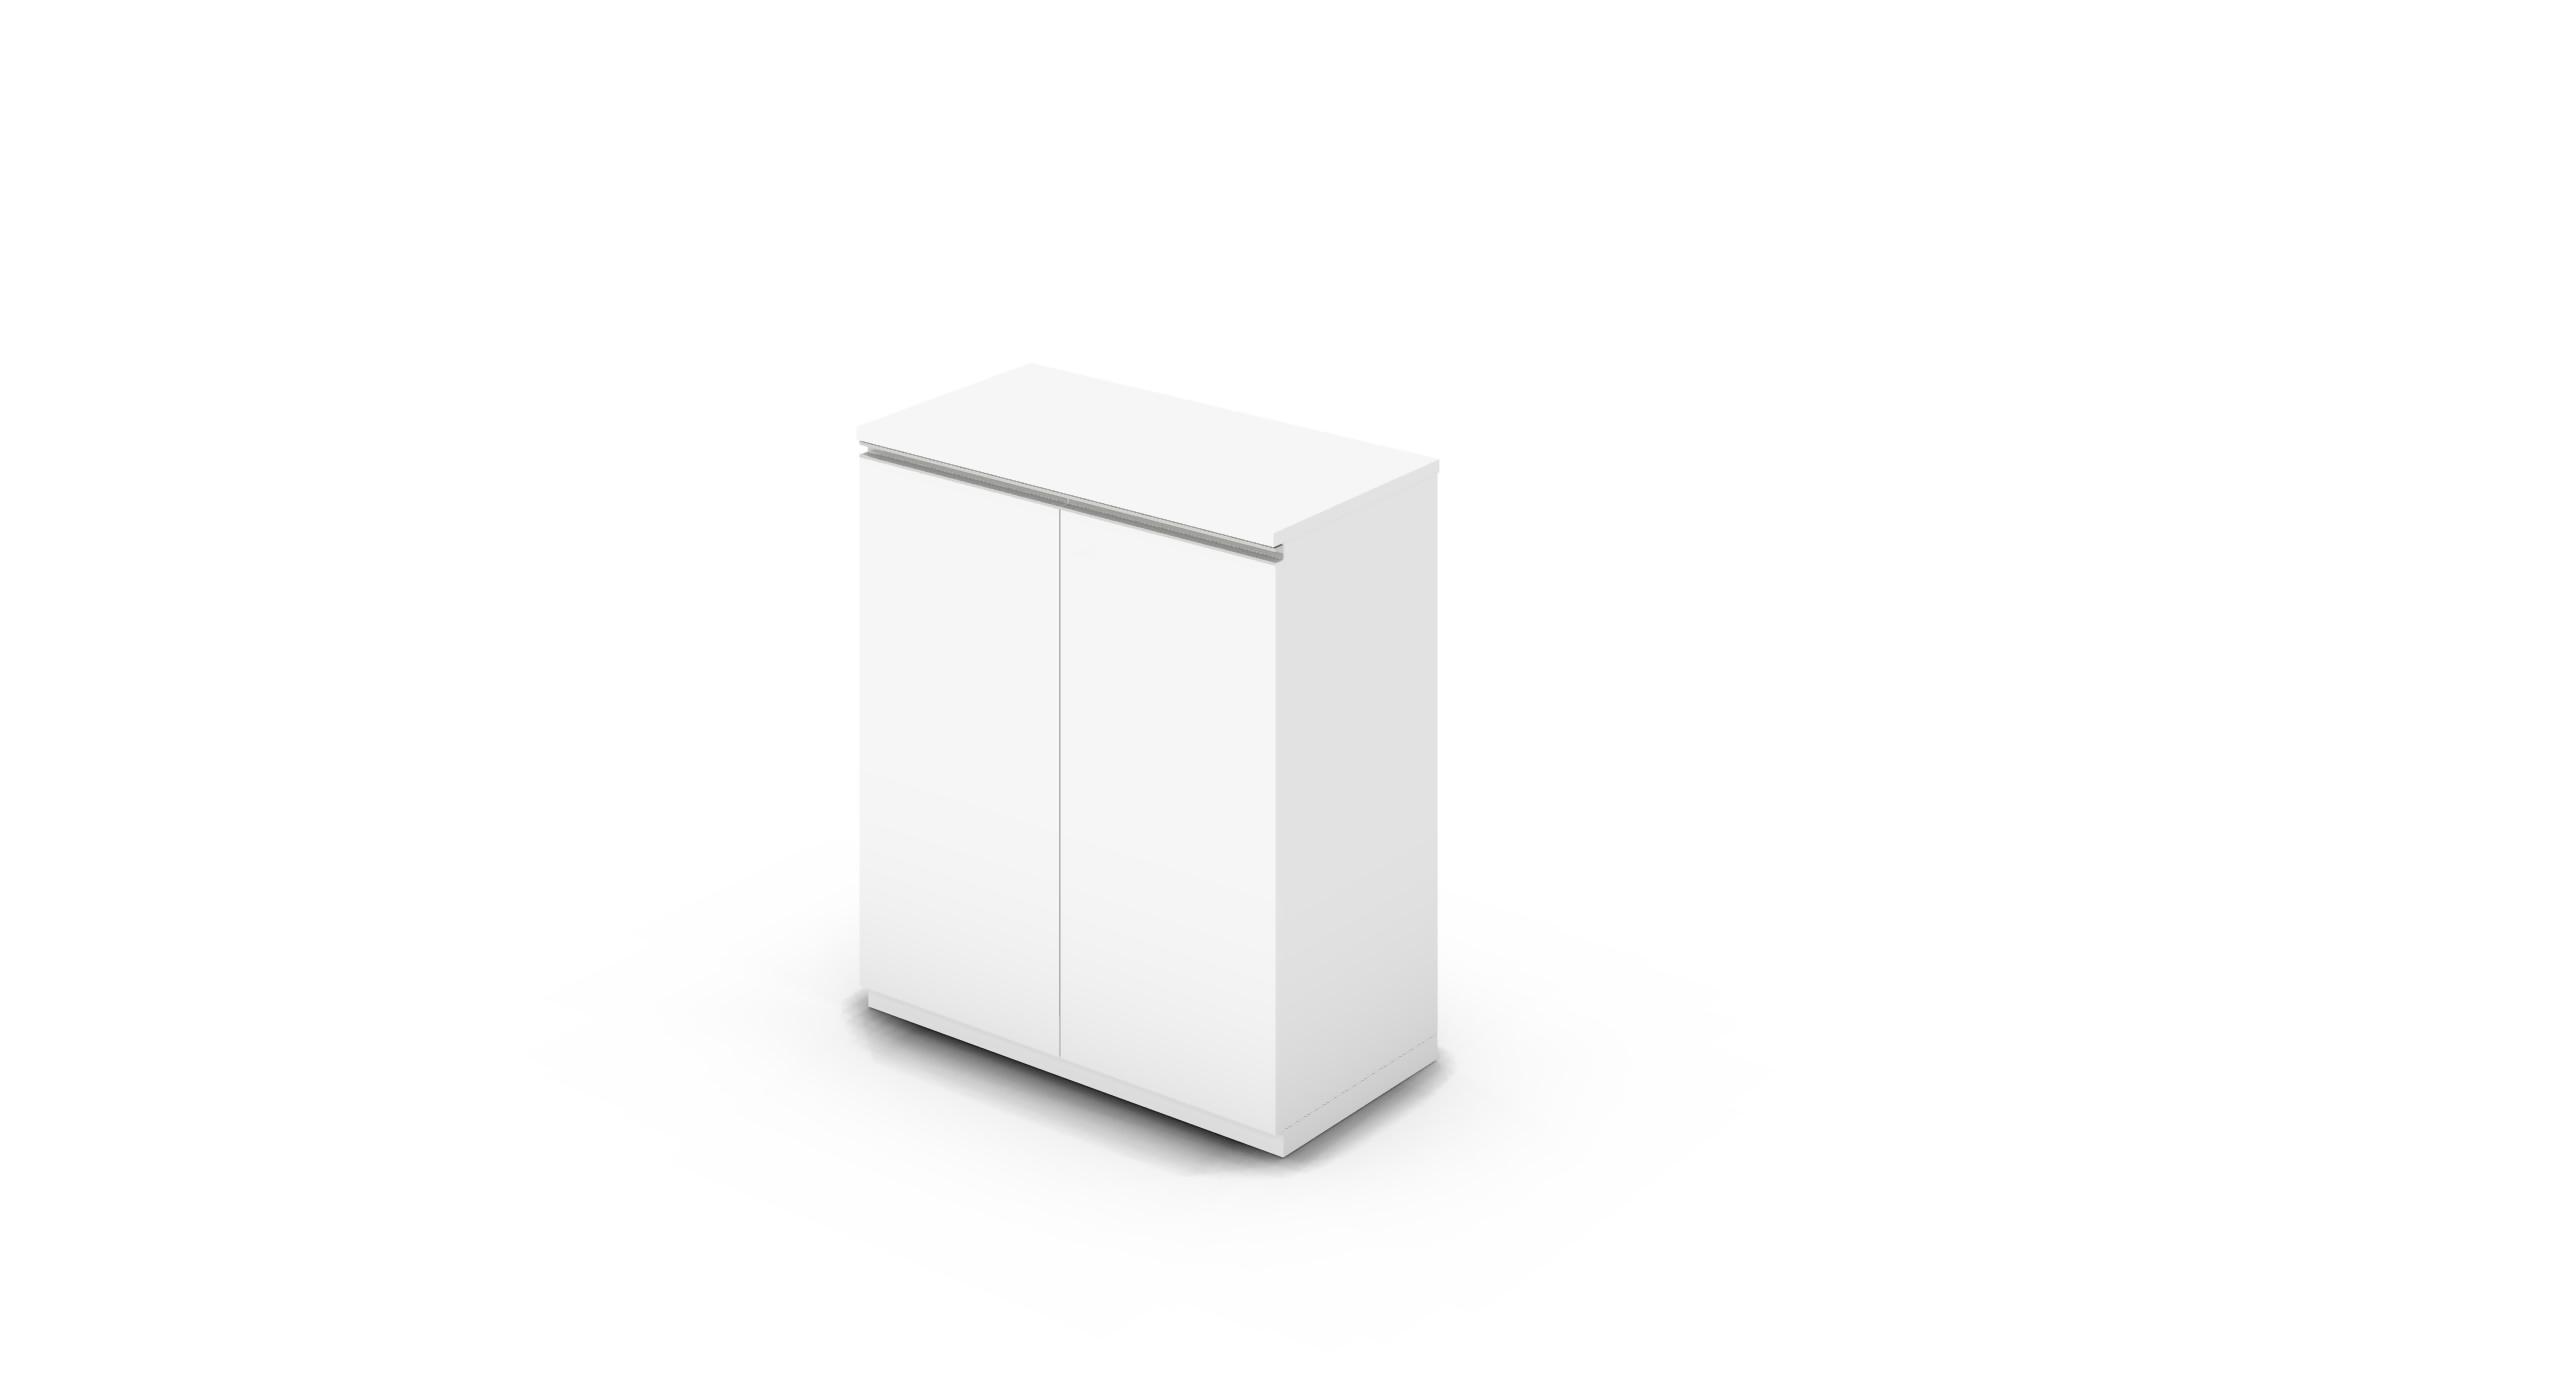 Cabinet_900x450x1125_HD_White_Rail_NoCylinder